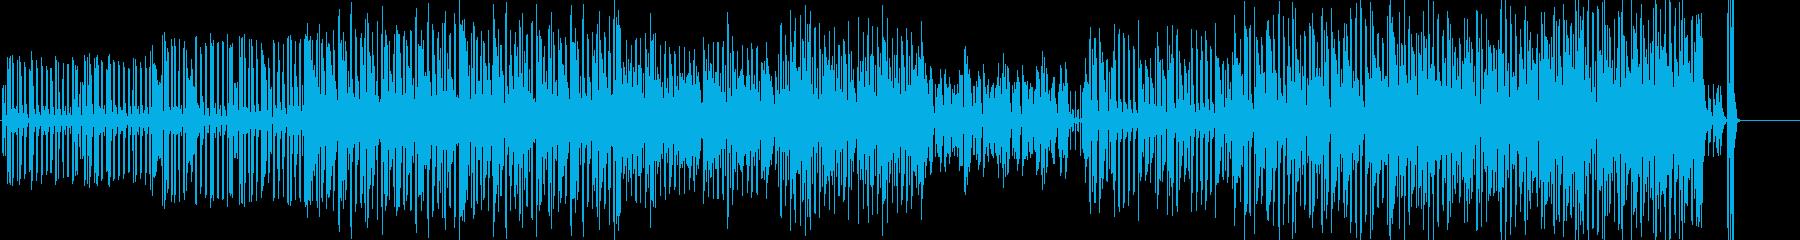 ■オカリナ・ピッコロ 軽快でポップな曲の再生済みの波形